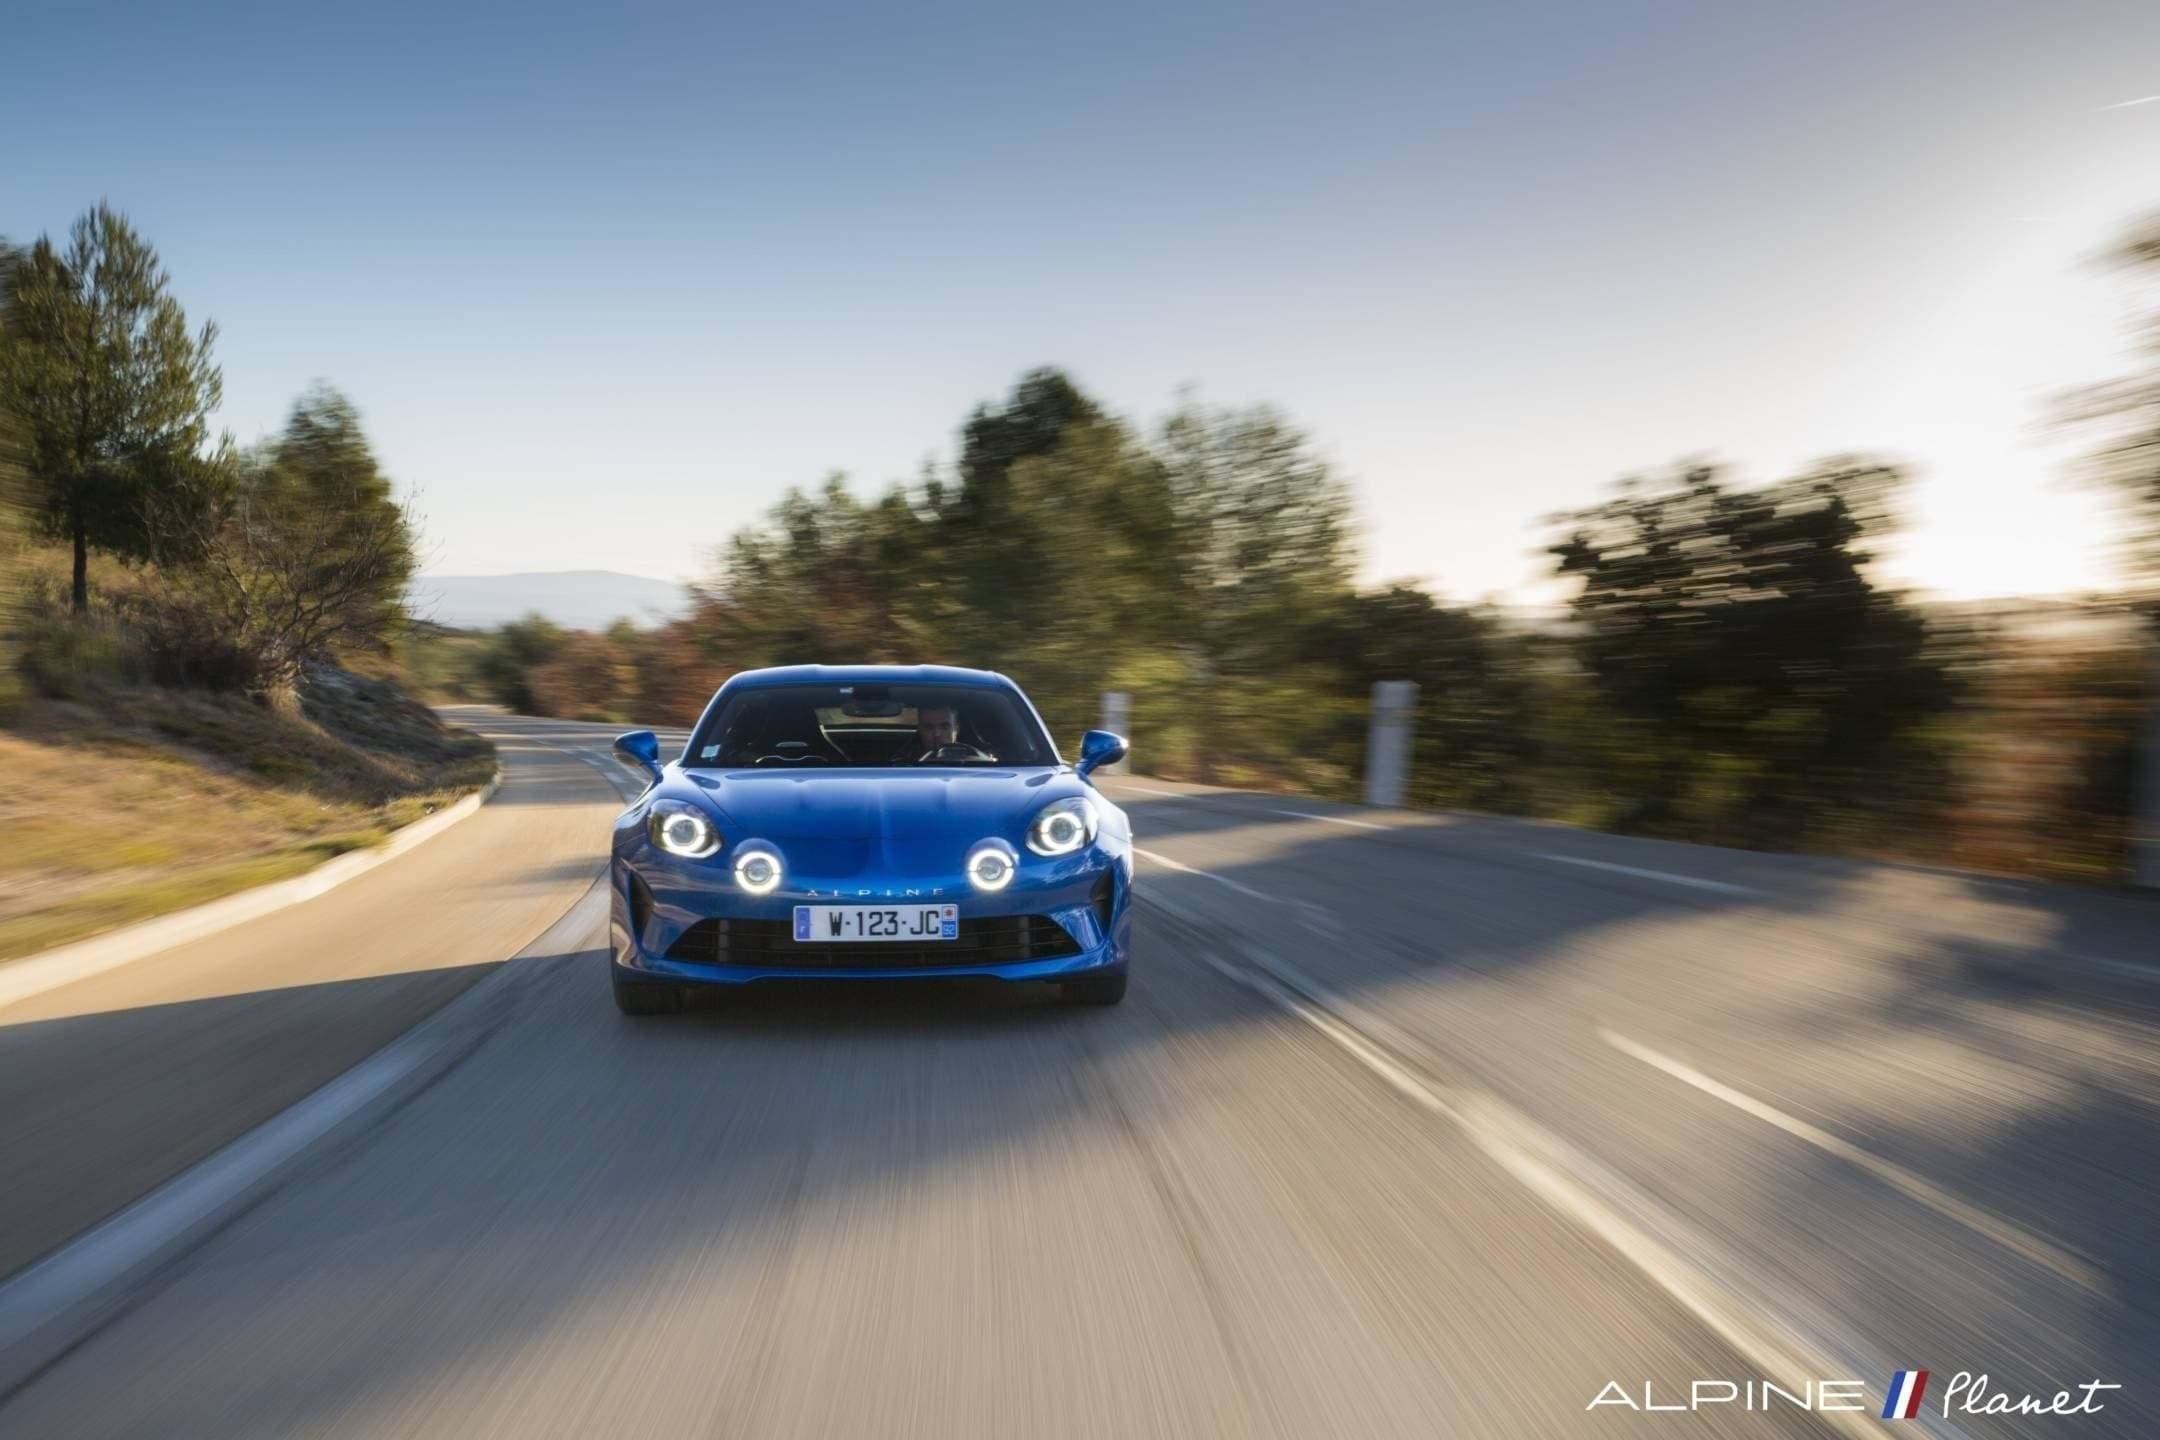 Alpine planet drive A110 1 - Notre essai de la nouvelle Alpine A110 sur route !